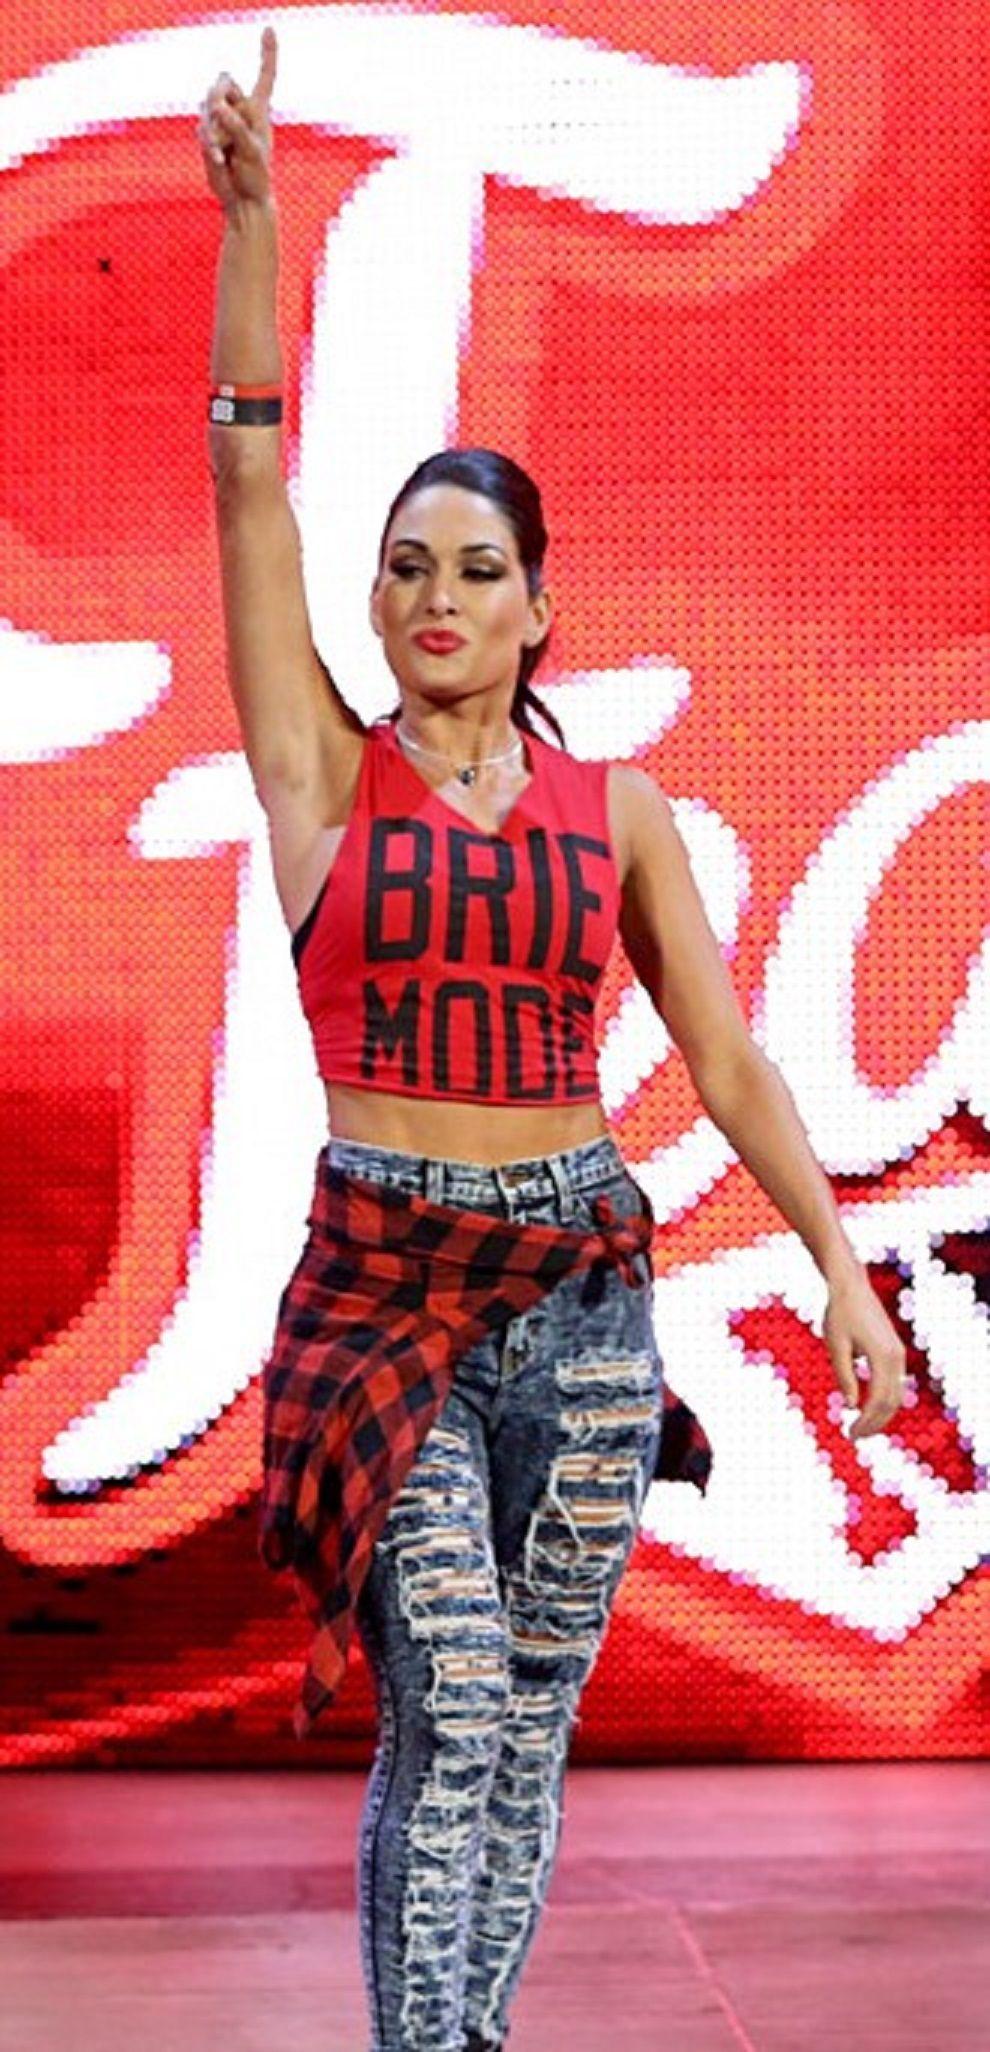 Brie MODE!